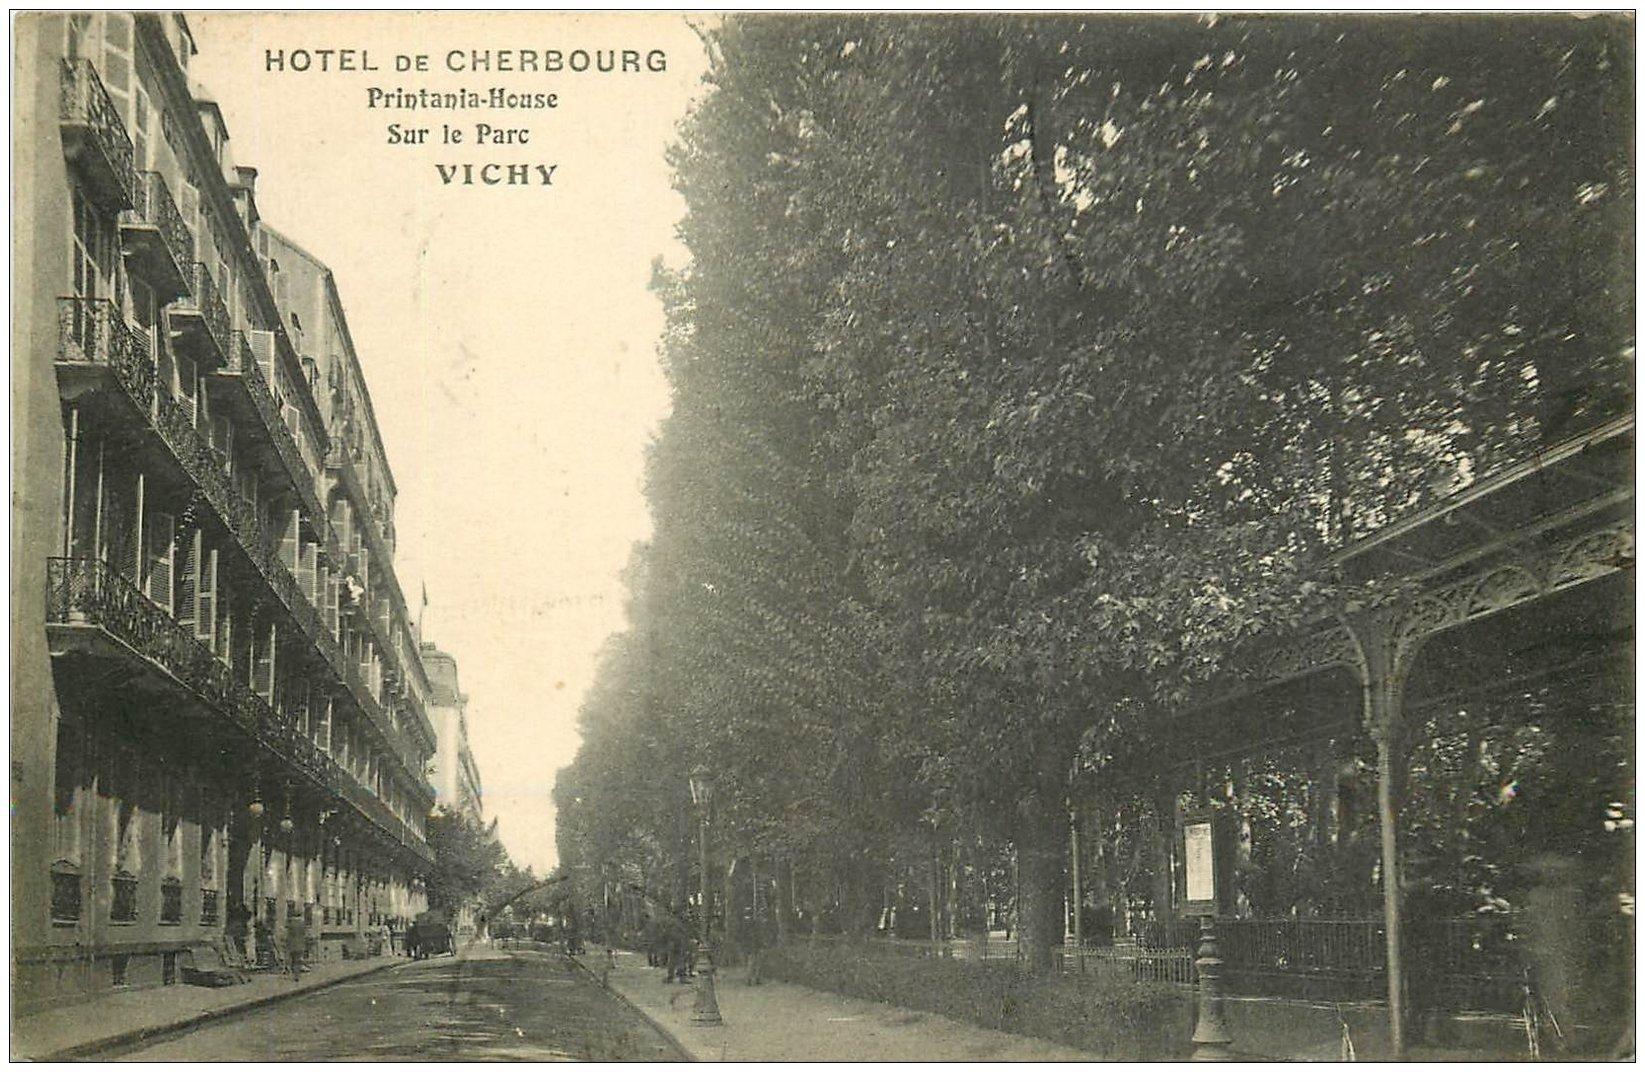 carte postale ancienne 03 VICHY. Hôtel Cherbourg 1913. Printania-House